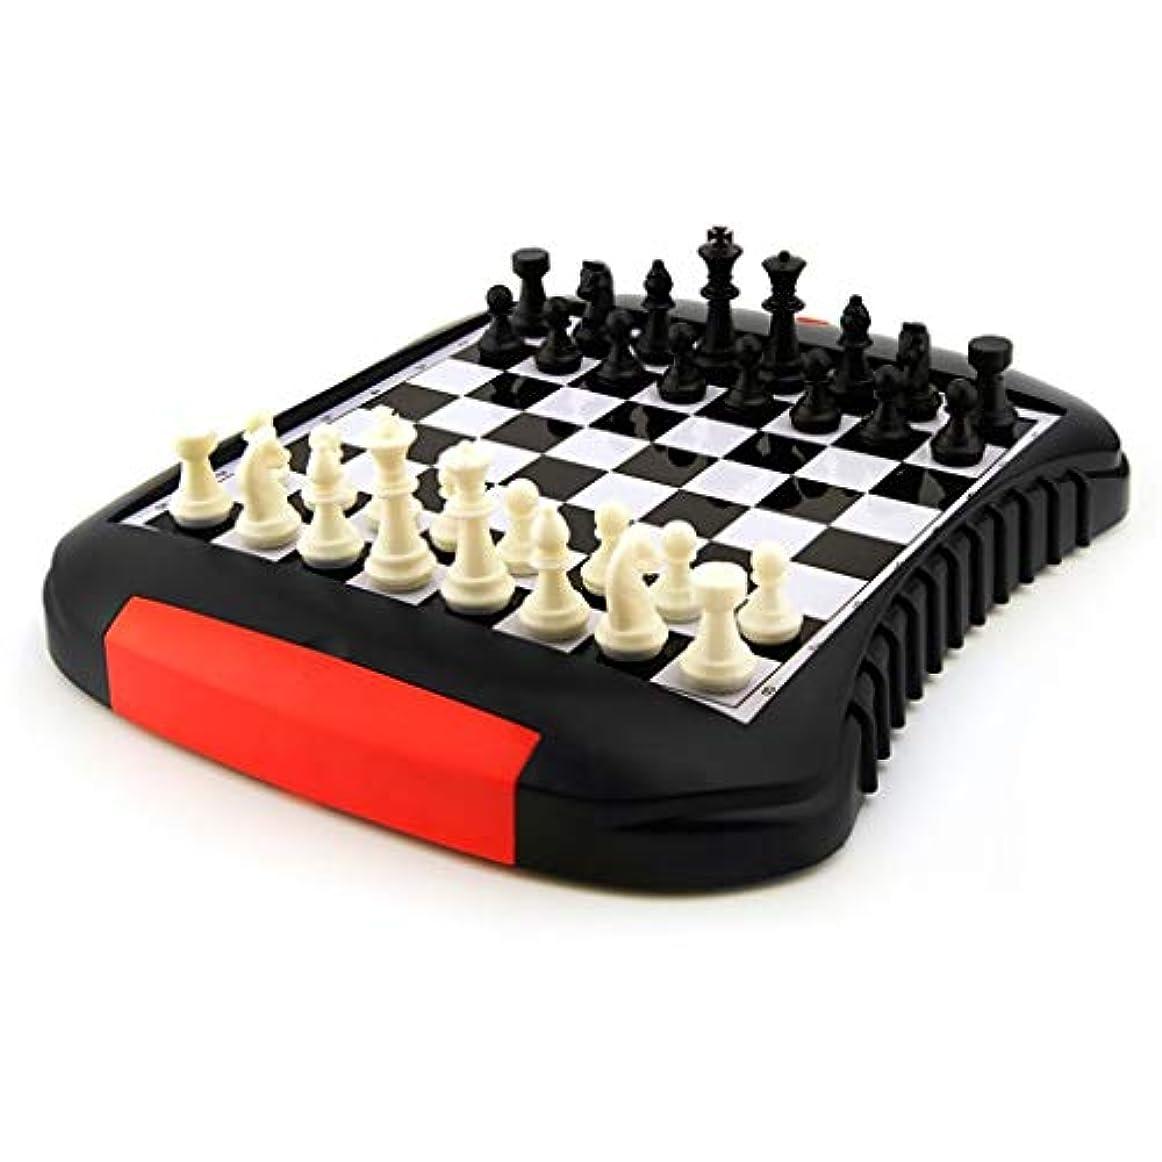 高品質おもちゃゲームチェス 磁気ABSチェスチェッカー子供学生初心者チェス折りたたみポータブル引き出しタイプチェス盤チェッカーチェス クリエイティブトラディショナルチェス (Color : Black+White, サイズ : 25.8*22*3CM)